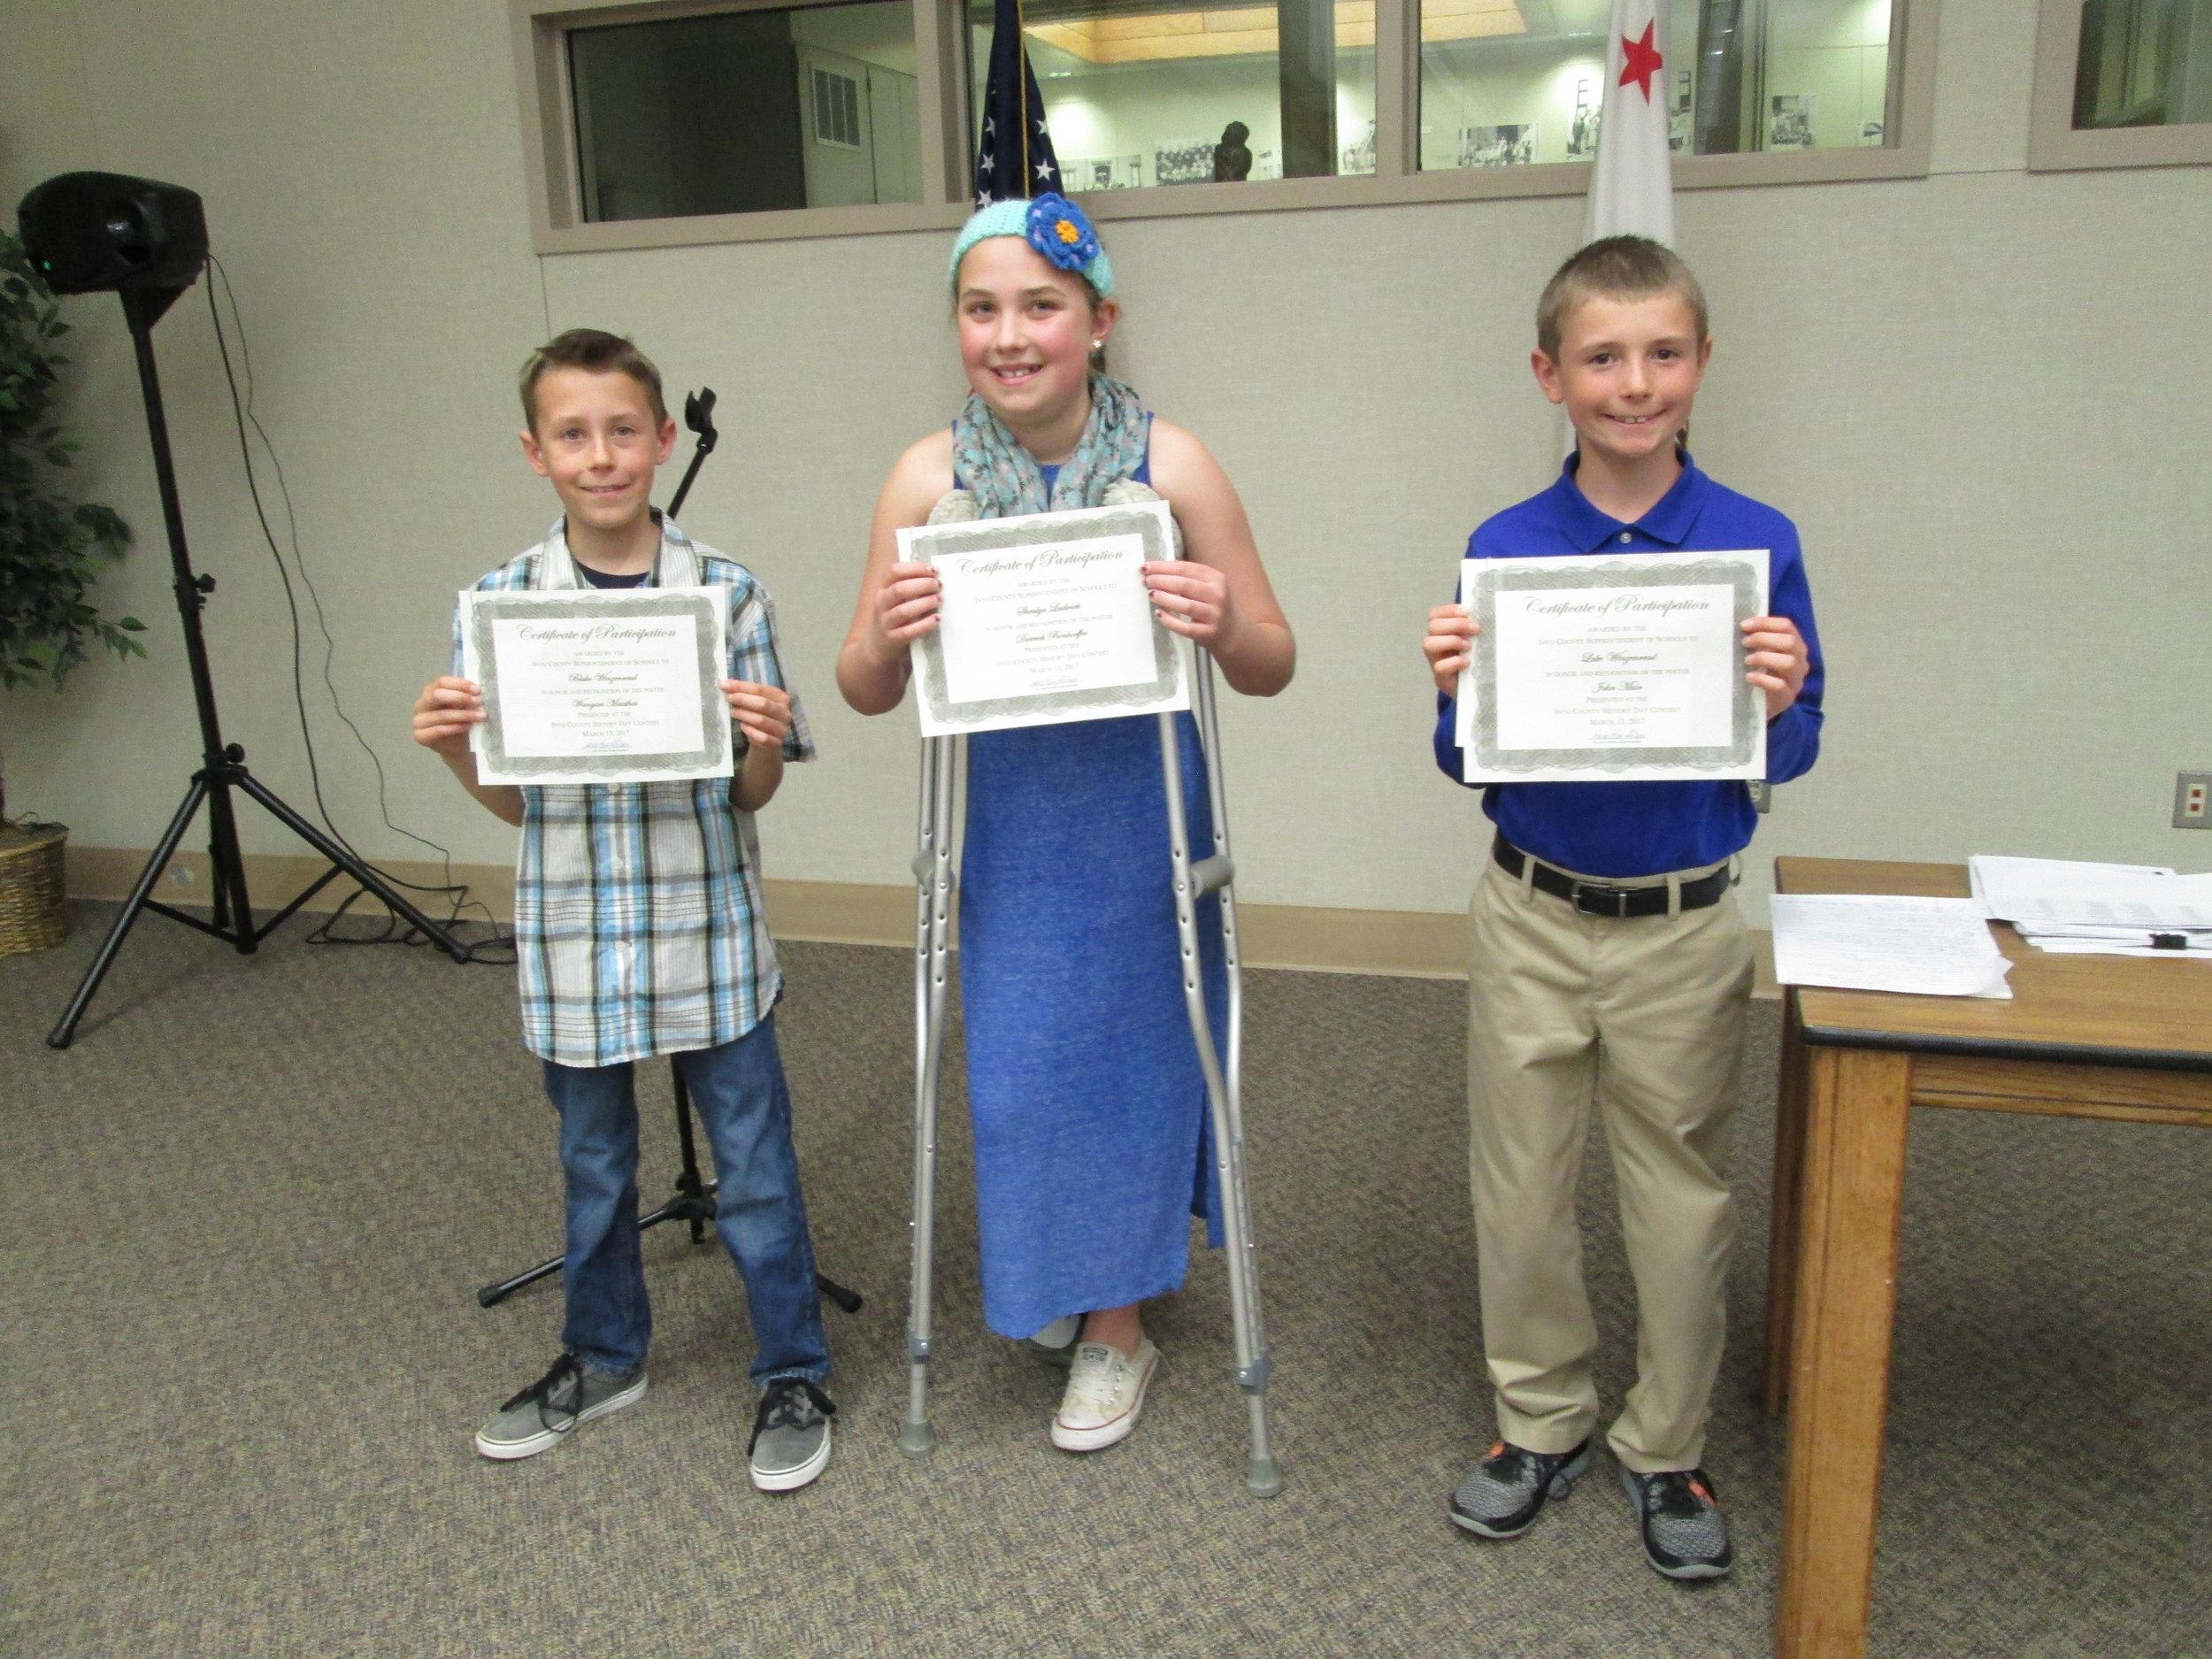 Caption: Winners Blake Winzenread, Shealyn Ludwick, and Luke Winzenread